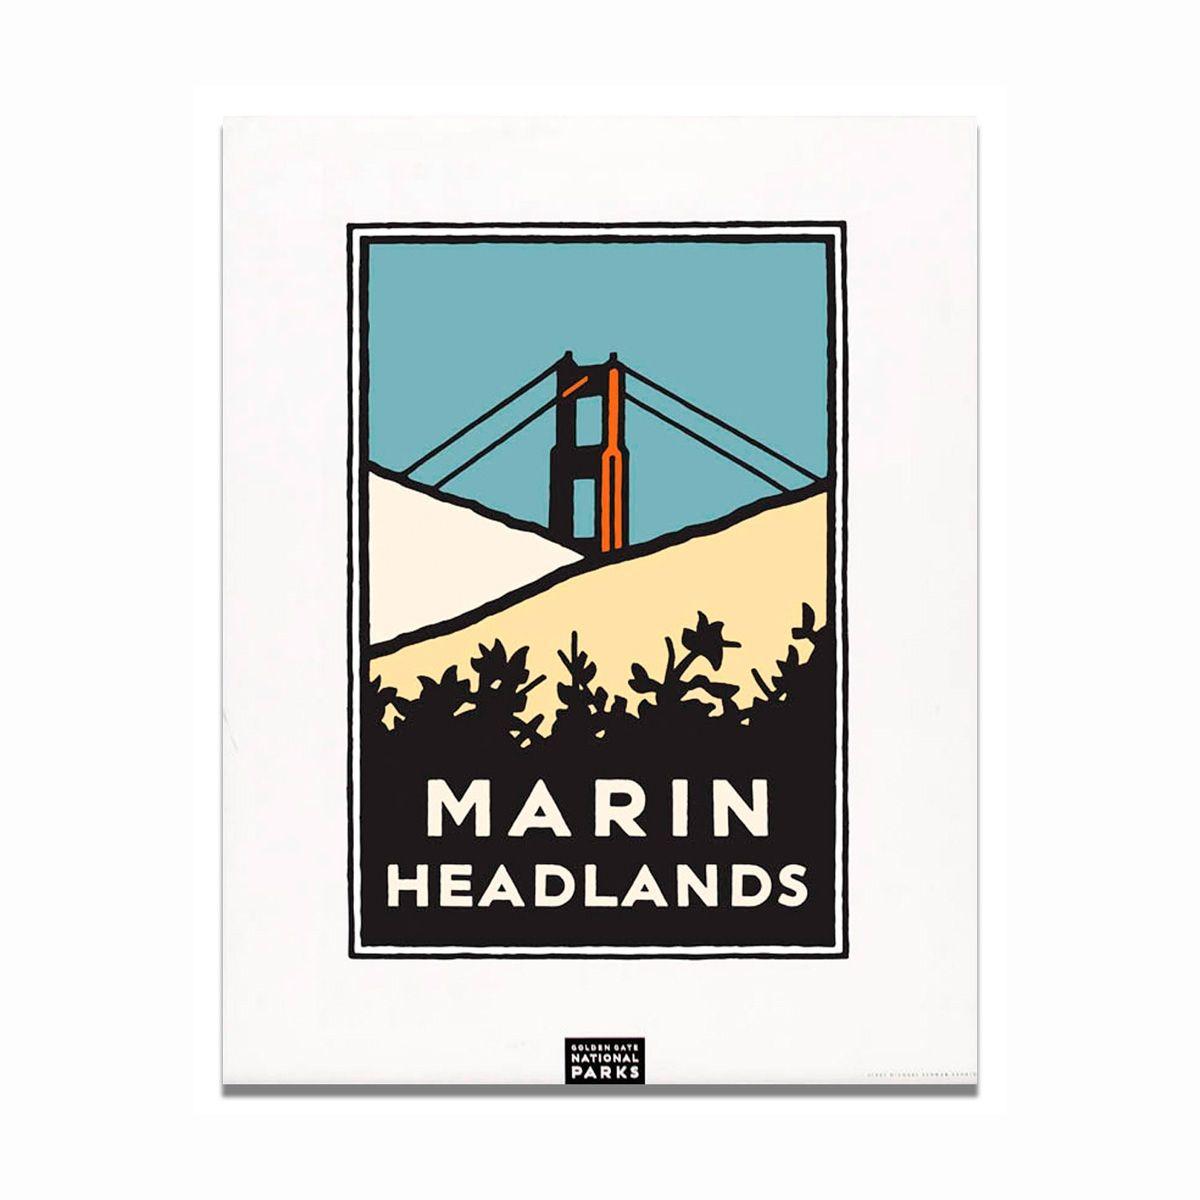 Unframed Poster Marin Headlands Park, Marines